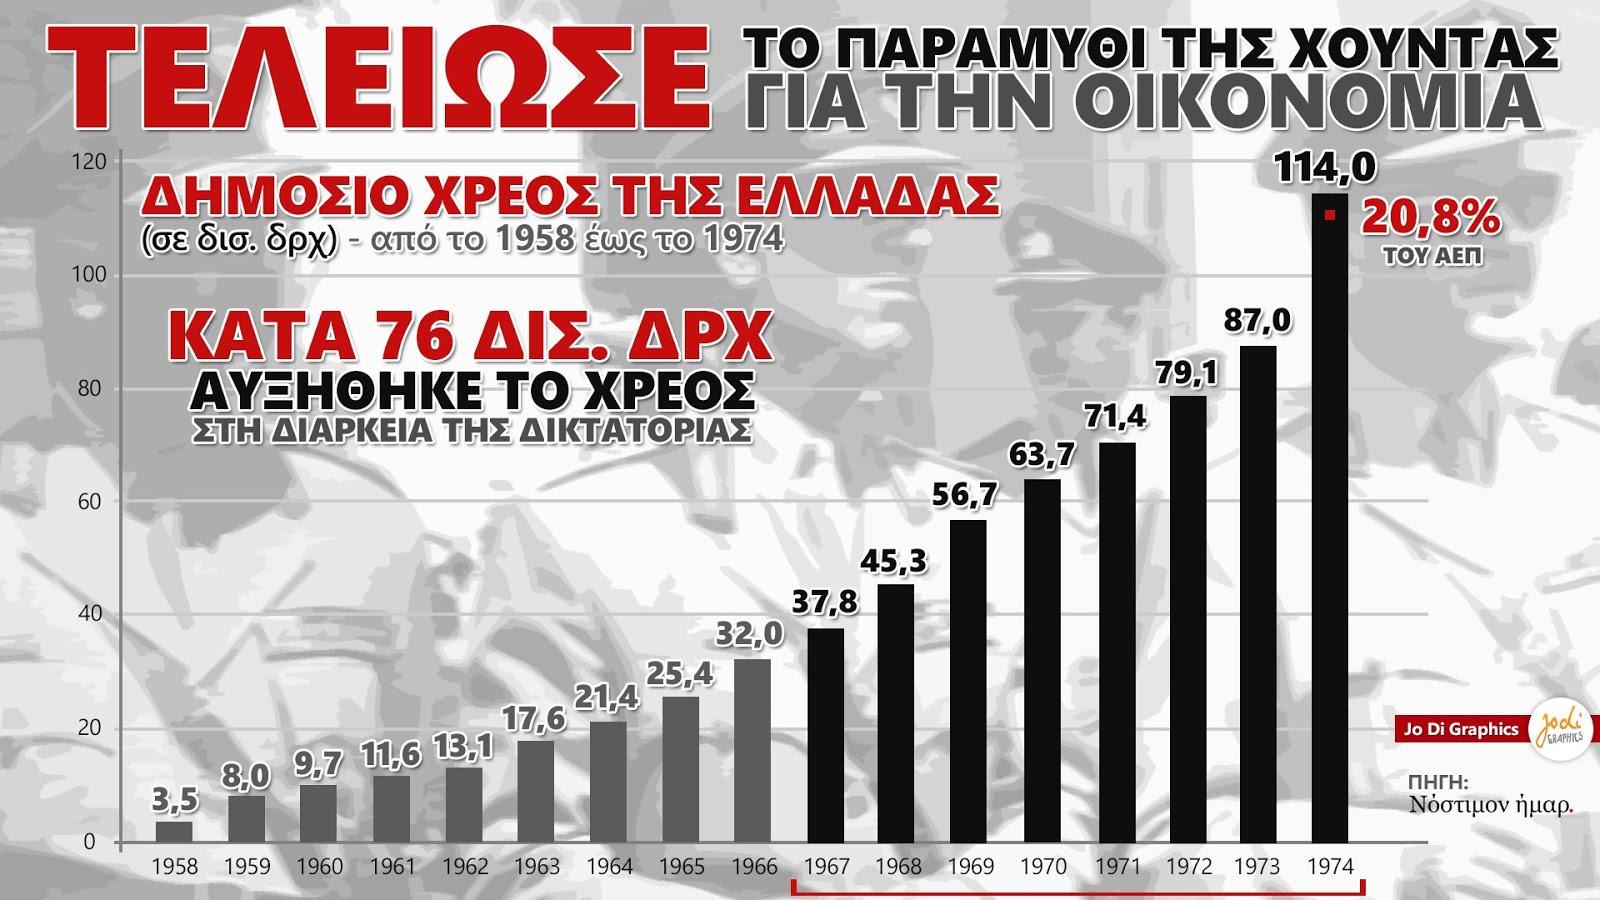 Τέλειωσε και το παραμύθι για το χρέος και την οικονομία επί δικτατορίας!